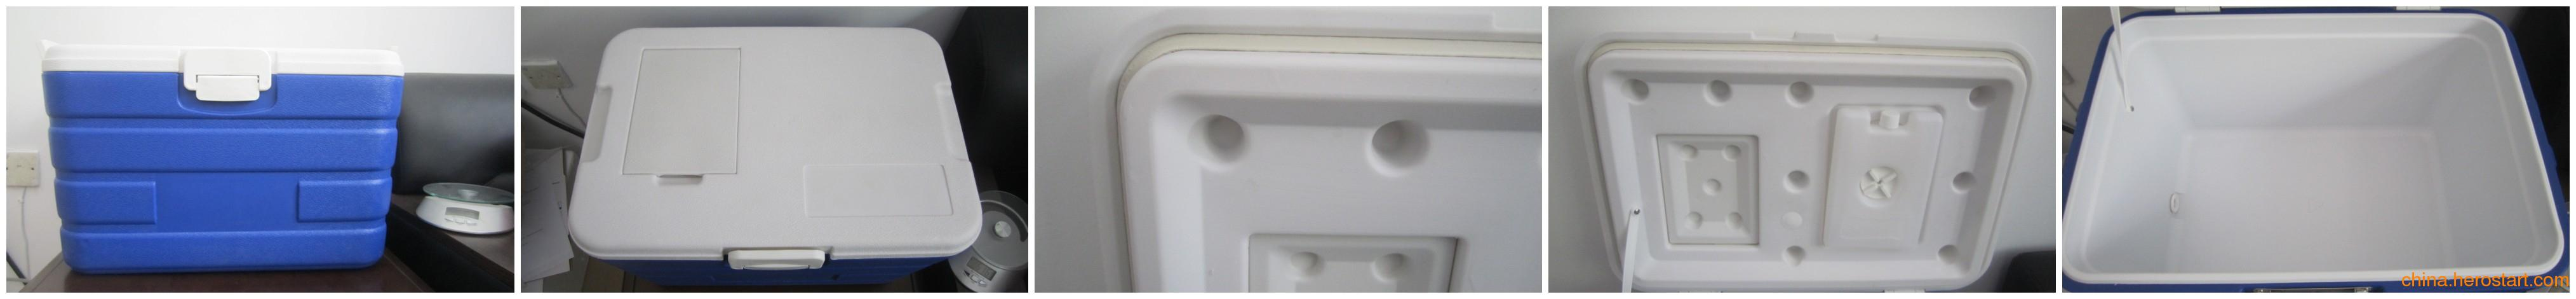 供应30L便携式冷藏箱,标本接收箱,防疫冷藏箱,冷藏箱厂家及公司